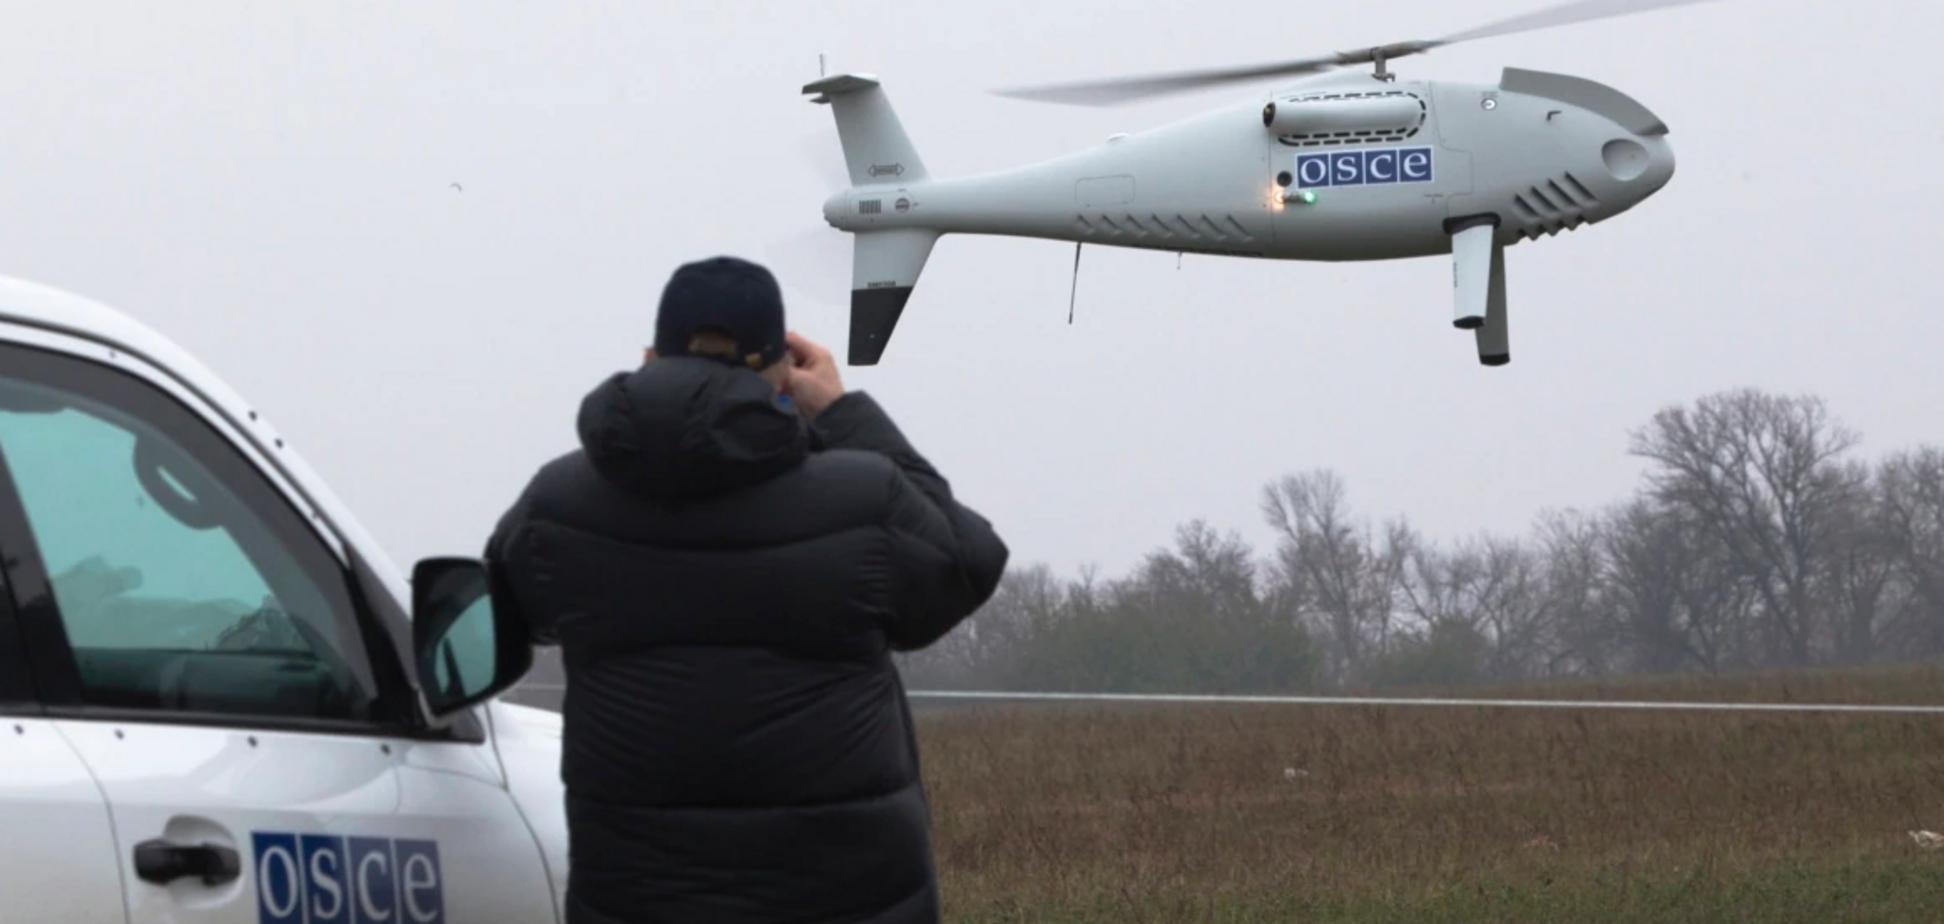 Безпілотник спостерігачів ОБСЄ обстріляли на Донбасі